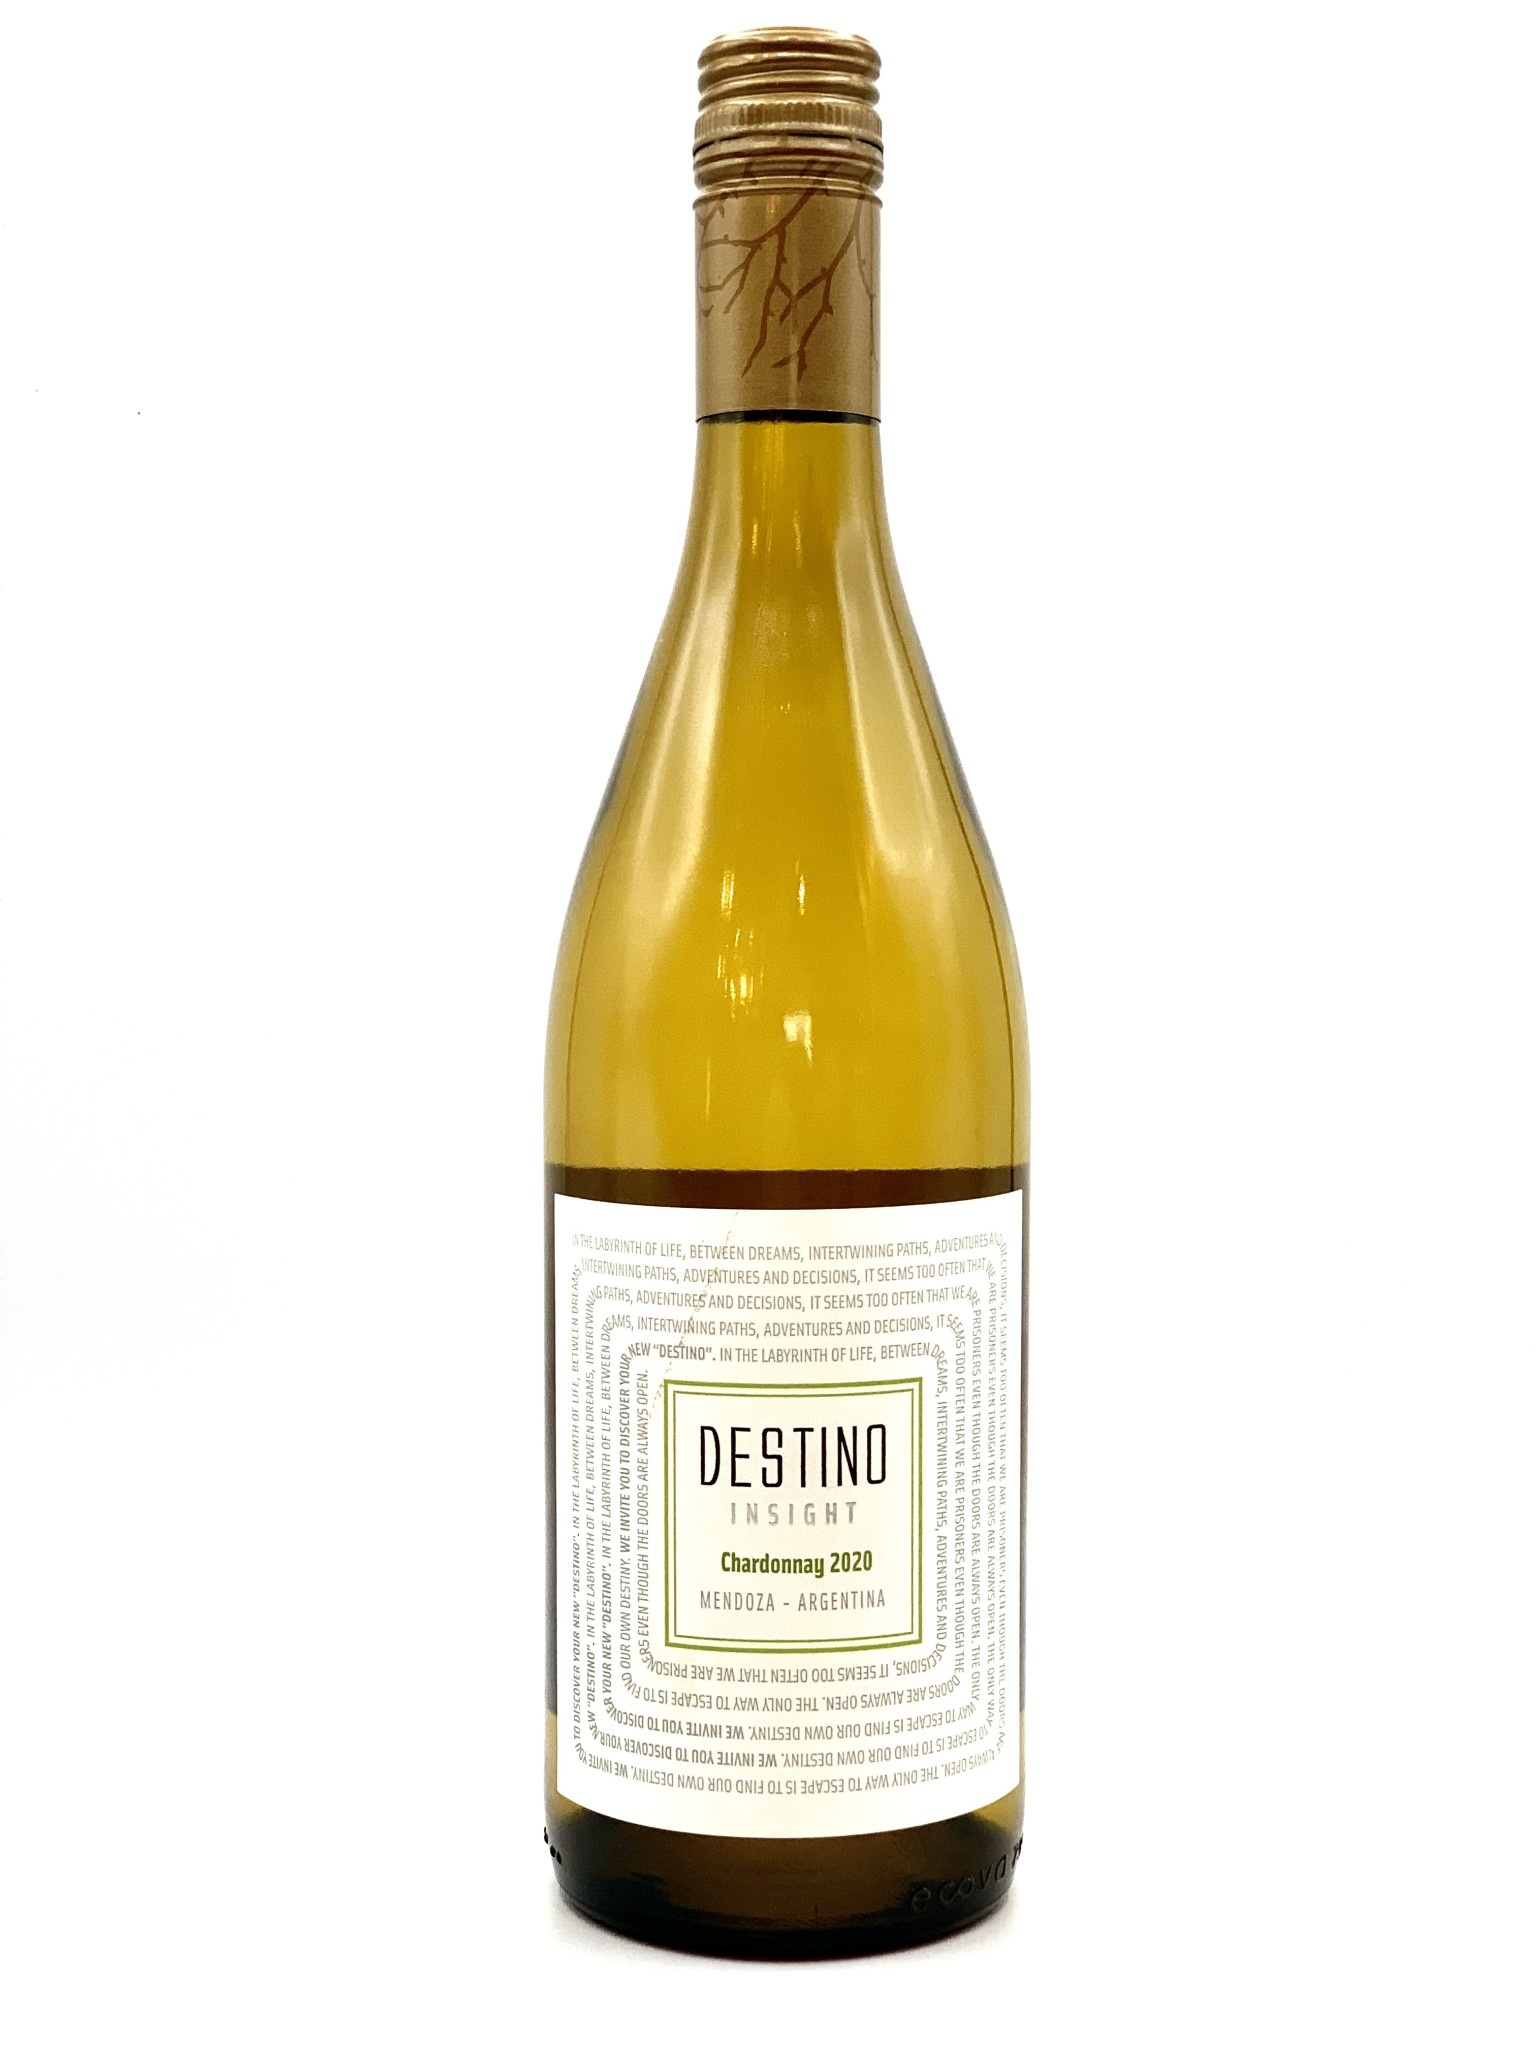 """Mendoza Chardonnay 2020 Bodega Rutini """"Destino Insight""""  750ml"""